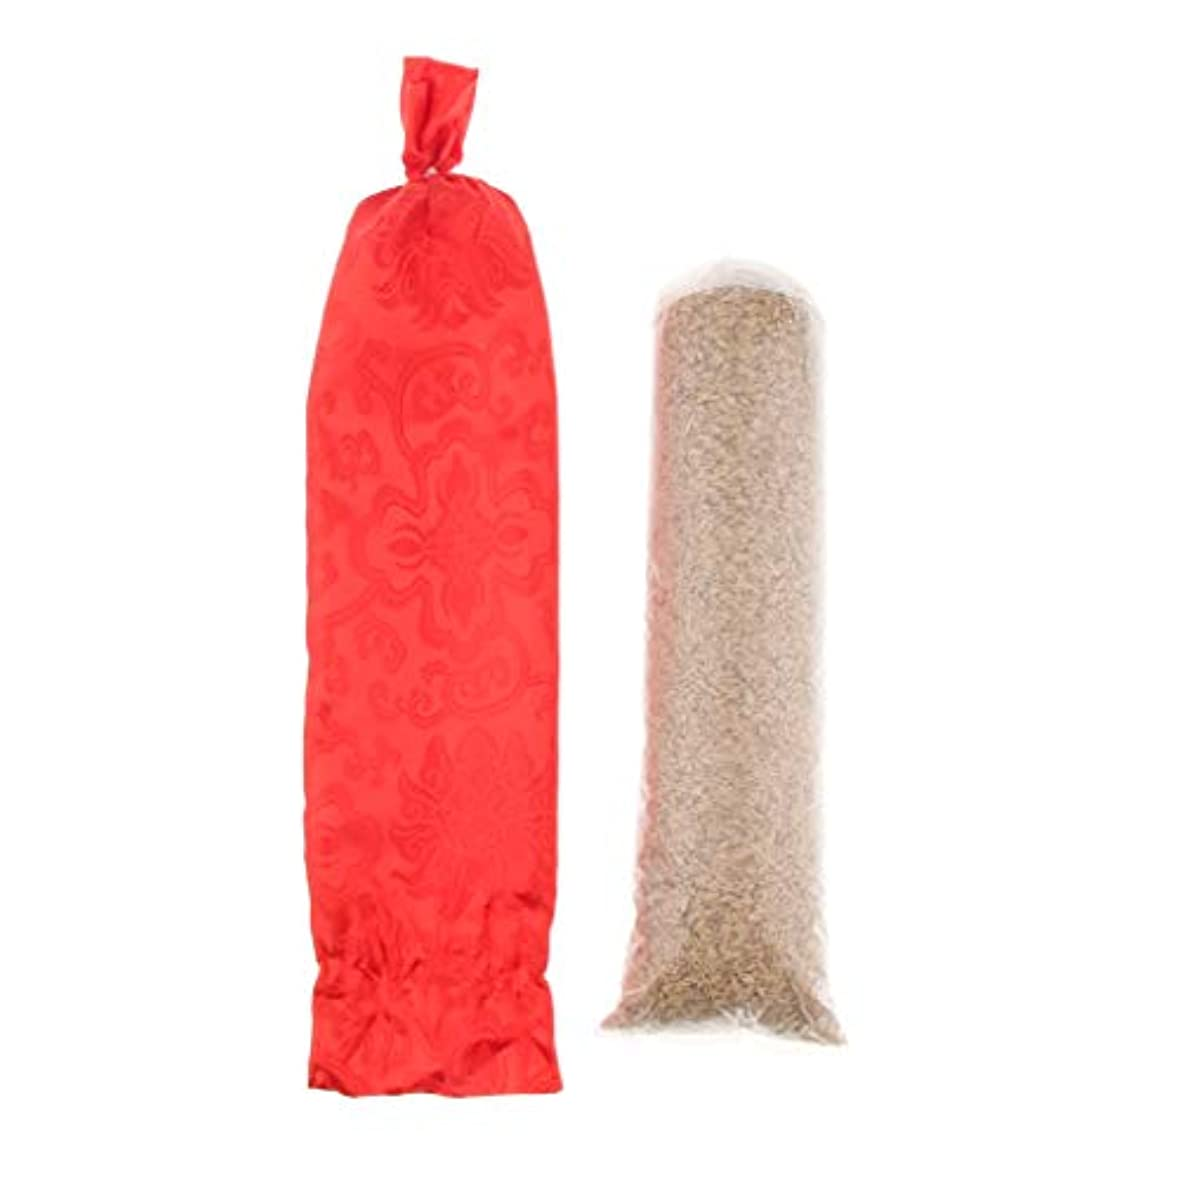 もろい一見物質Baoblaze ラウンド 頚部枕 ロール枕 洗濯可能なカバー サポートピロー